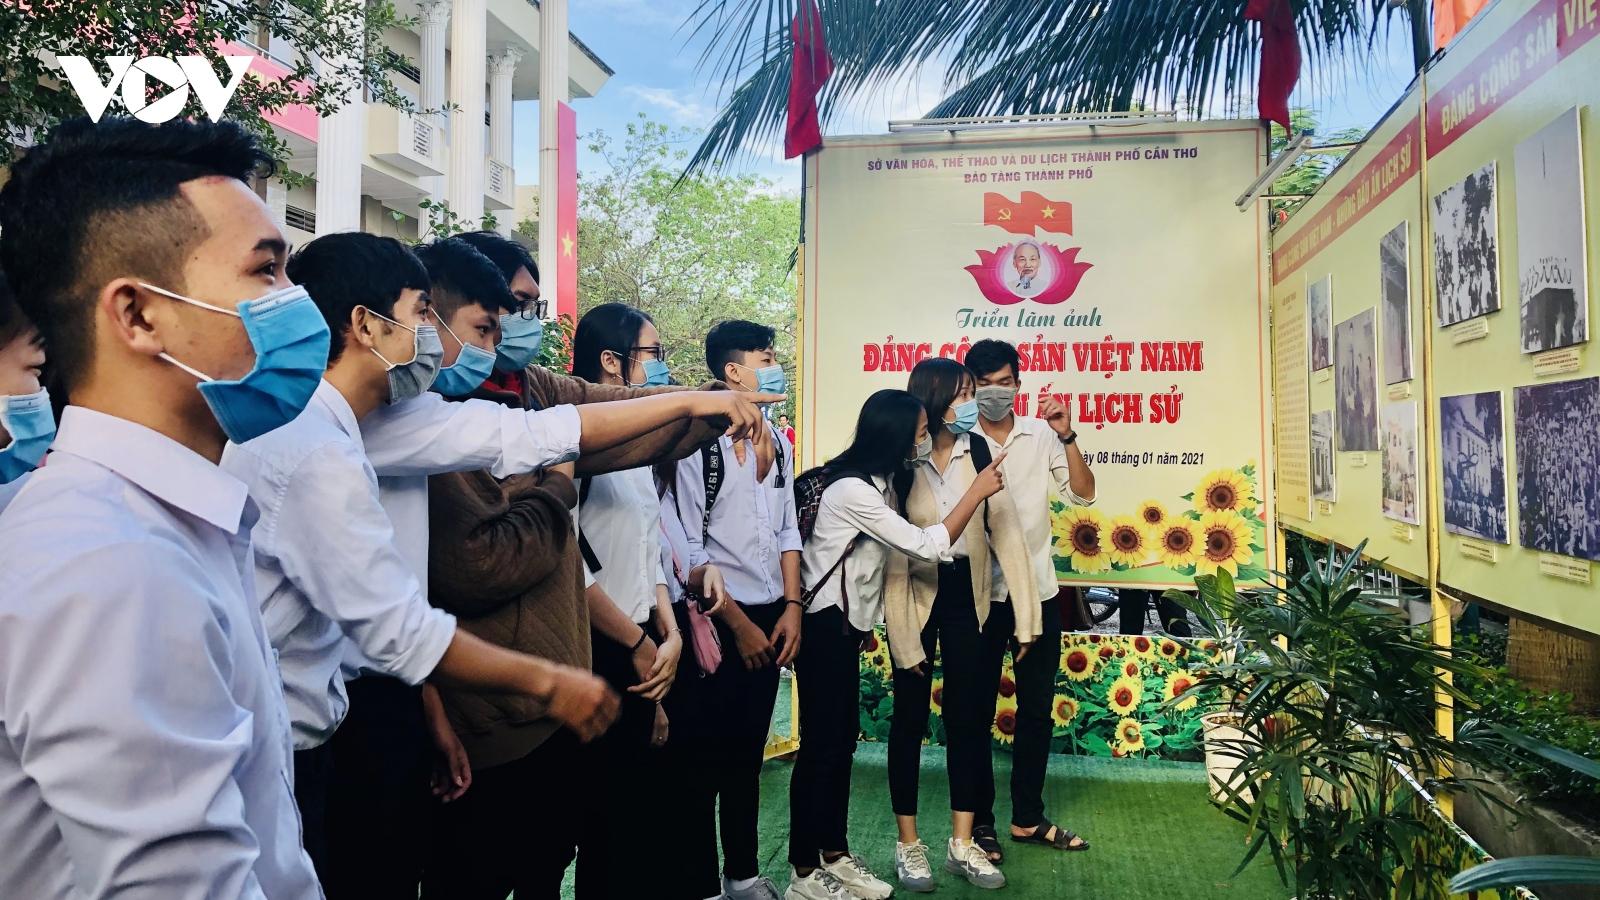 """Khai mạc Triển lãm ảnh """"Đảng cộng sản Việt Nam – Những dấu ấn lịch sử"""" tại Cần Thơ"""